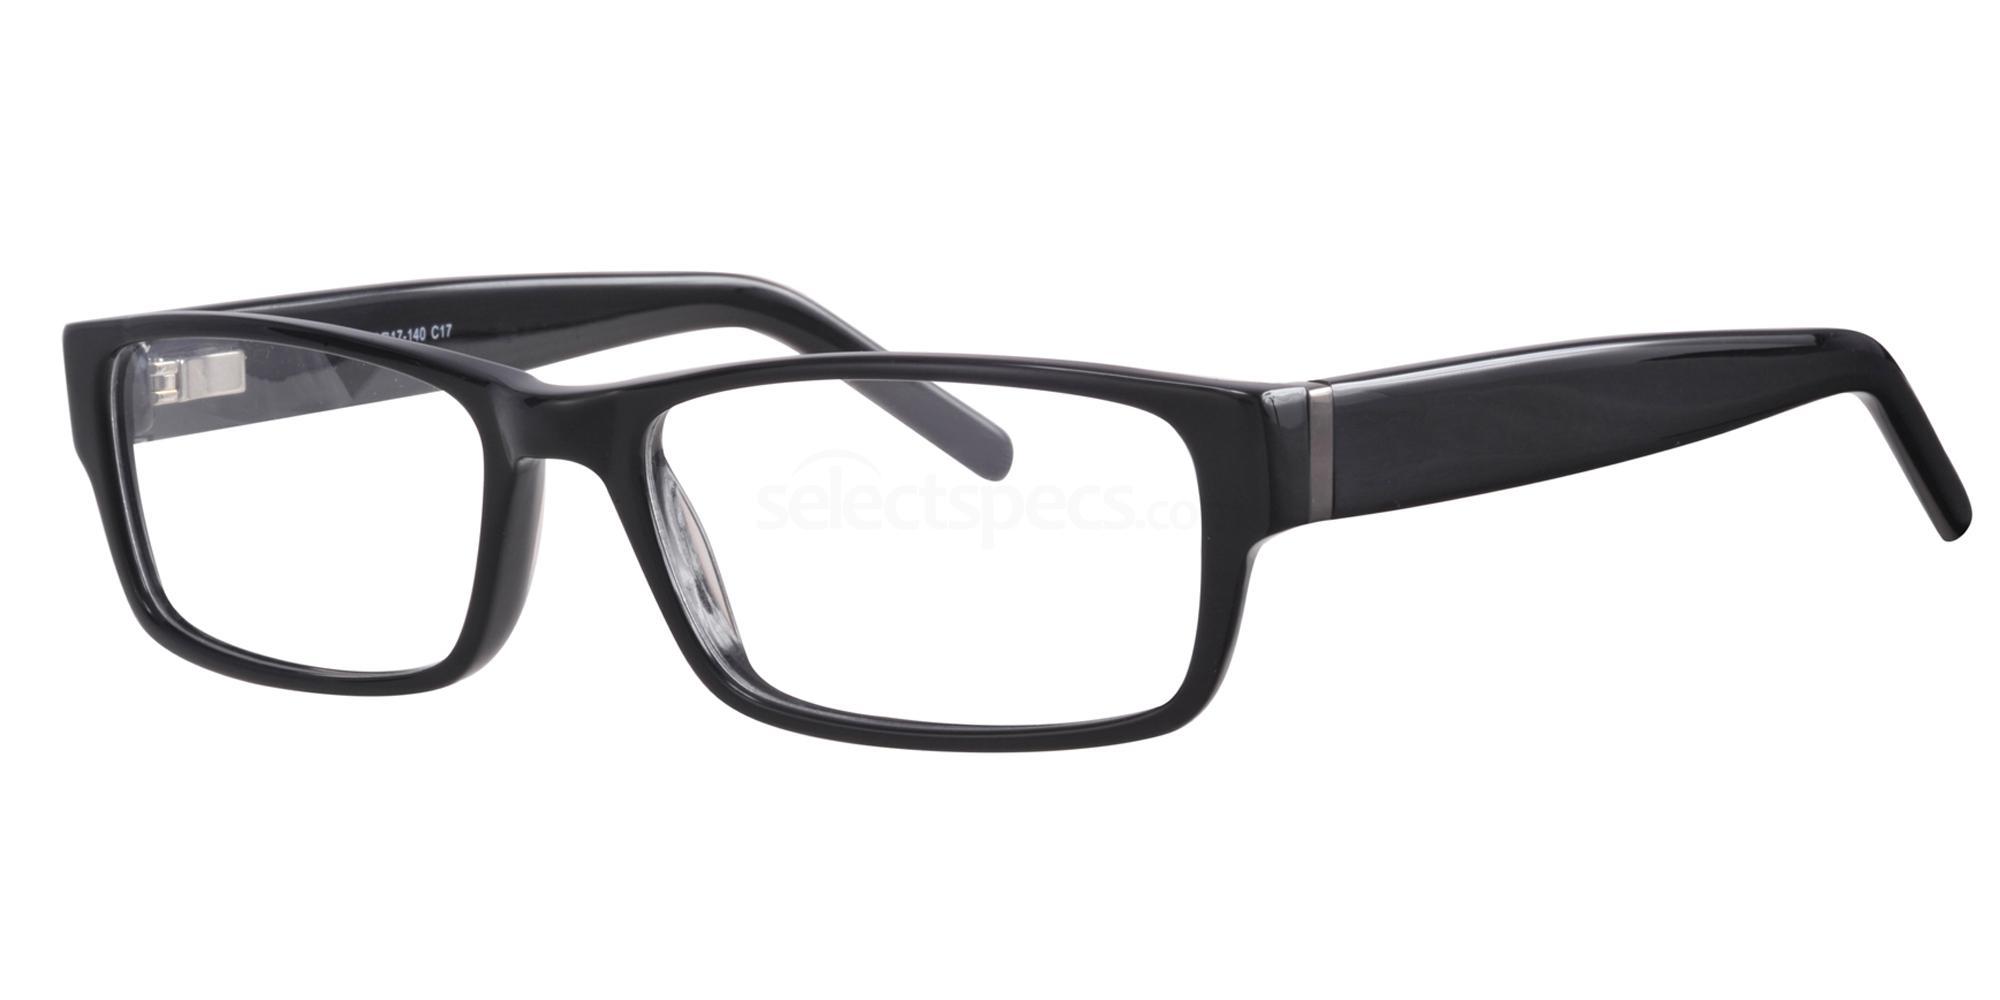 C17 358 Glasses, Visage Elite